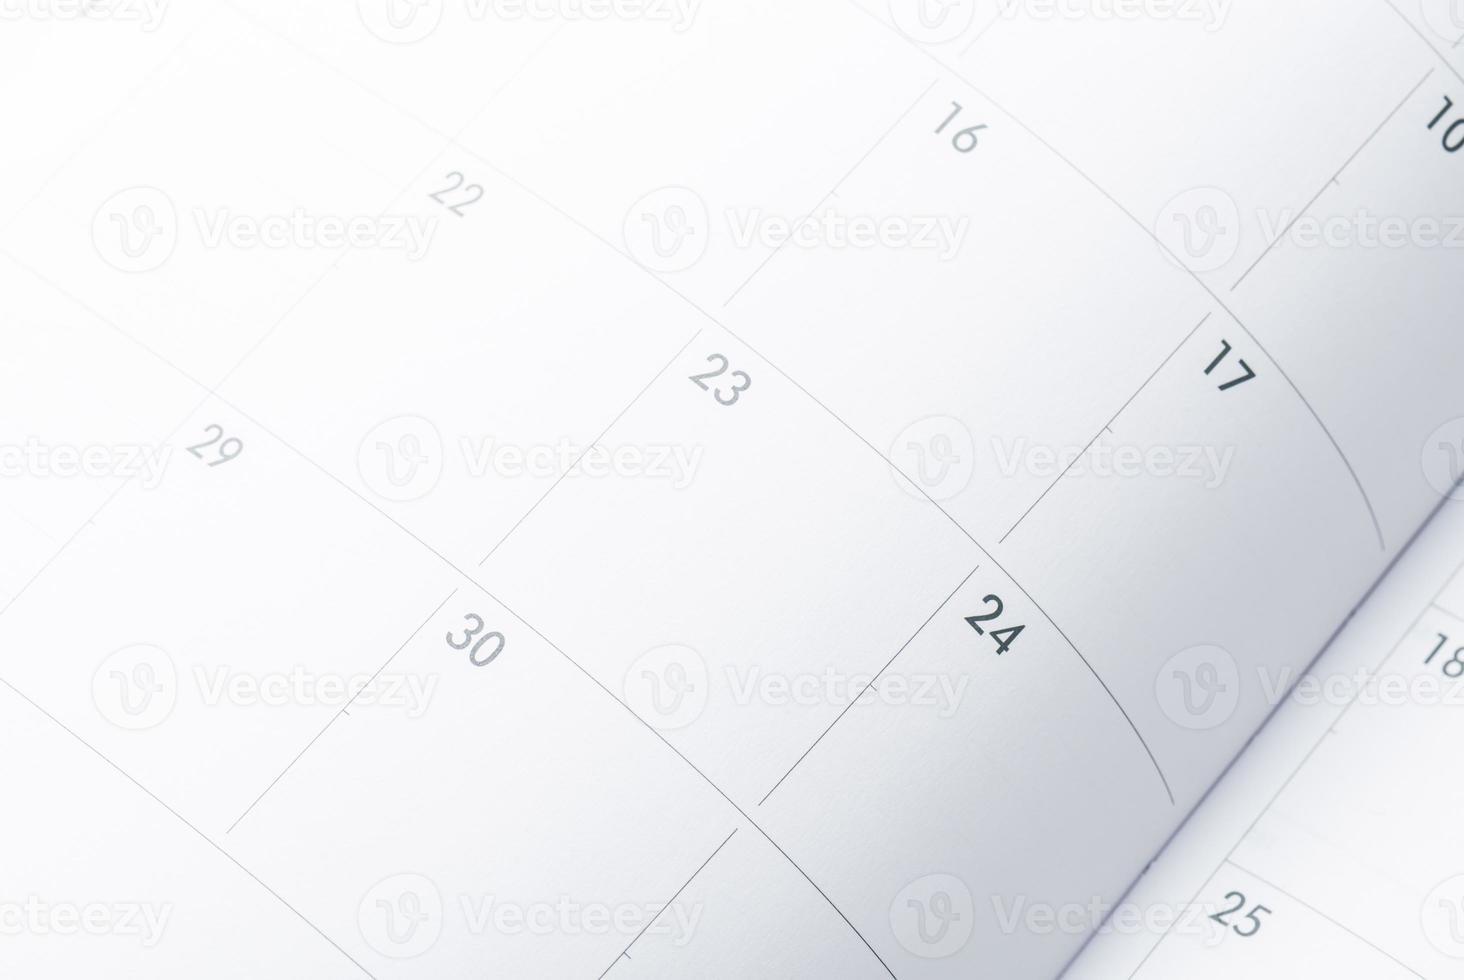 calendrier et date limite. photo